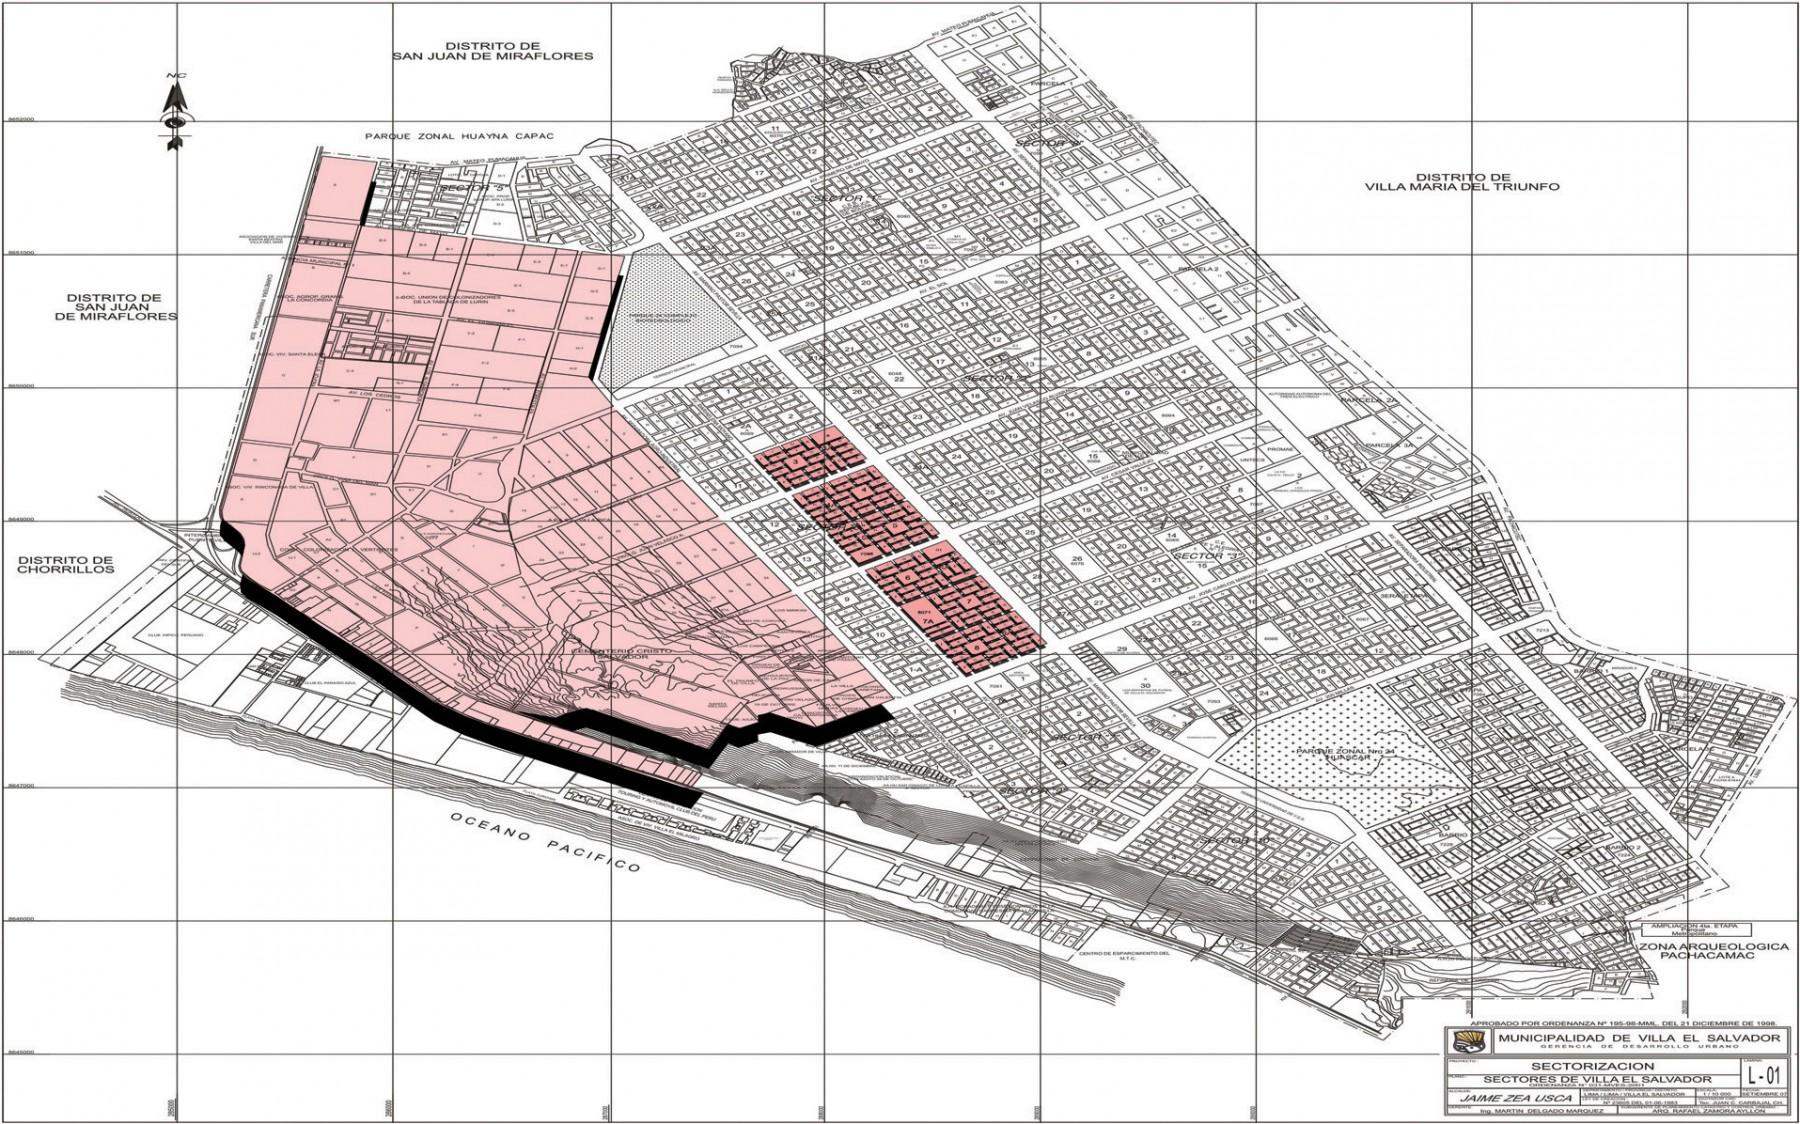 Mapping villa el salvador peru etruxes architecture for Plano de villa el salvador